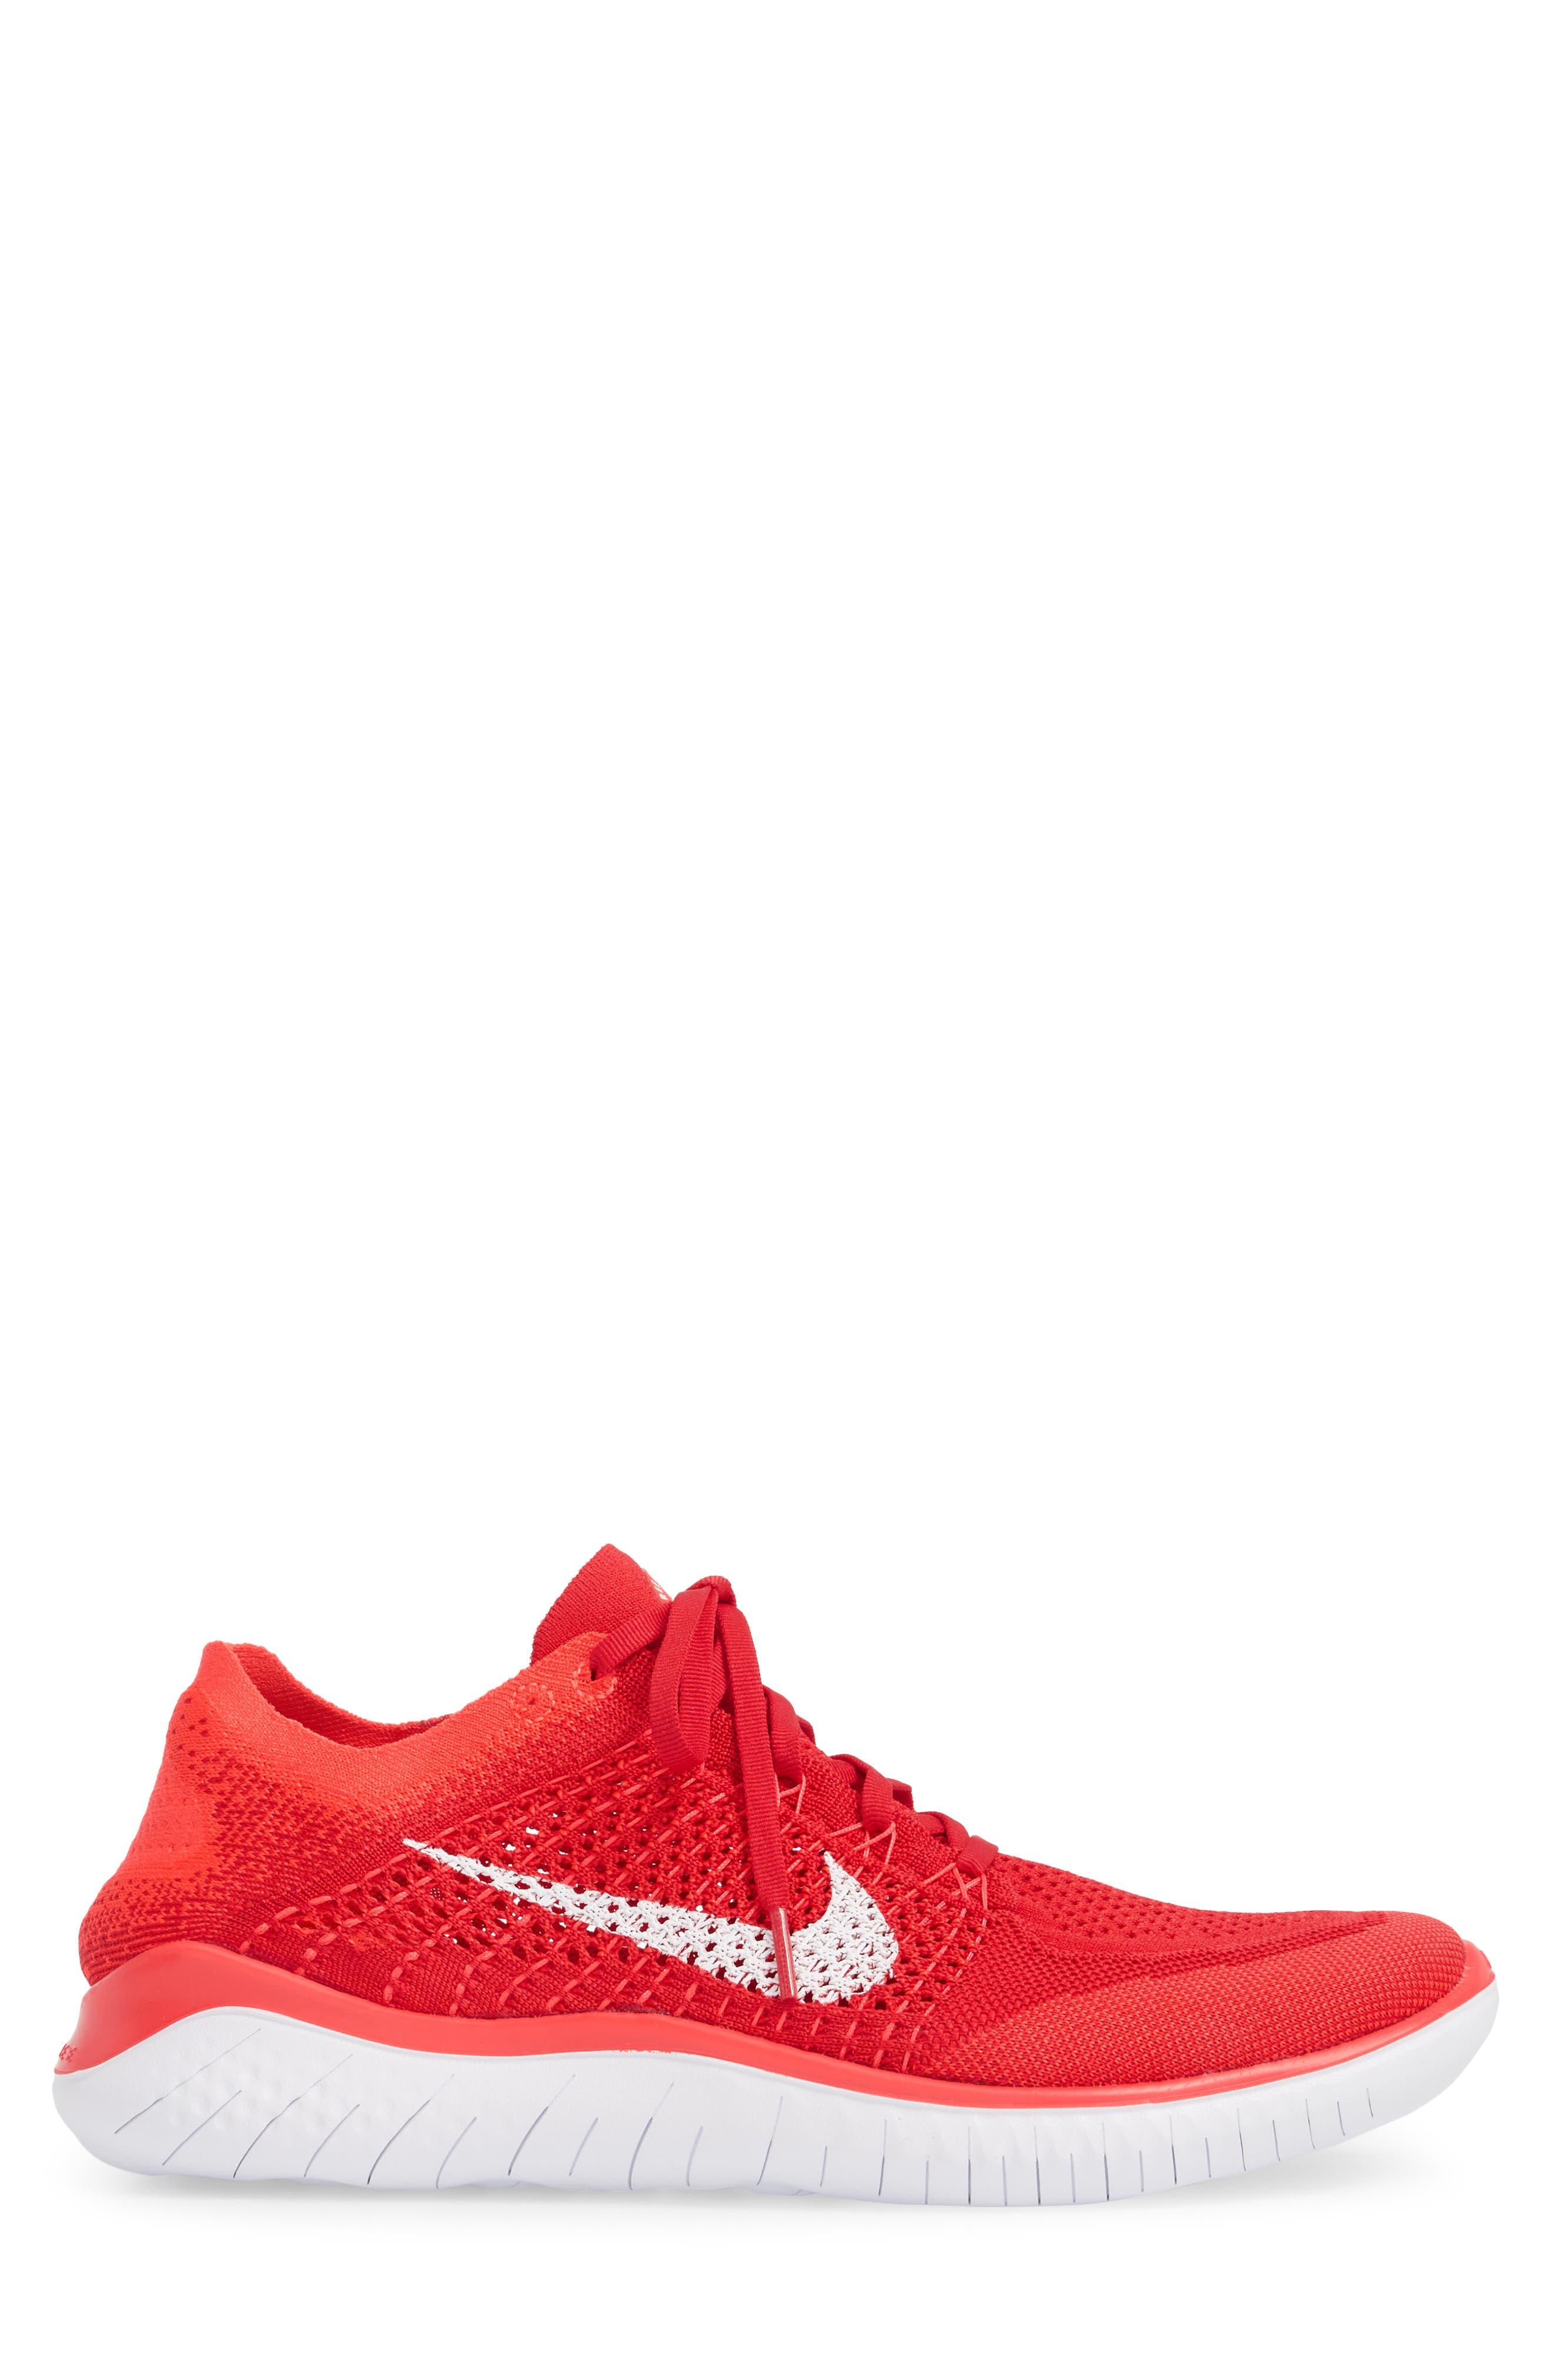 NIKE, Free RN Flyknit 2018 Running Shoe, Alternate thumbnail 3, color, UNIVERSITY RED/ WHITE/ CRIMSON